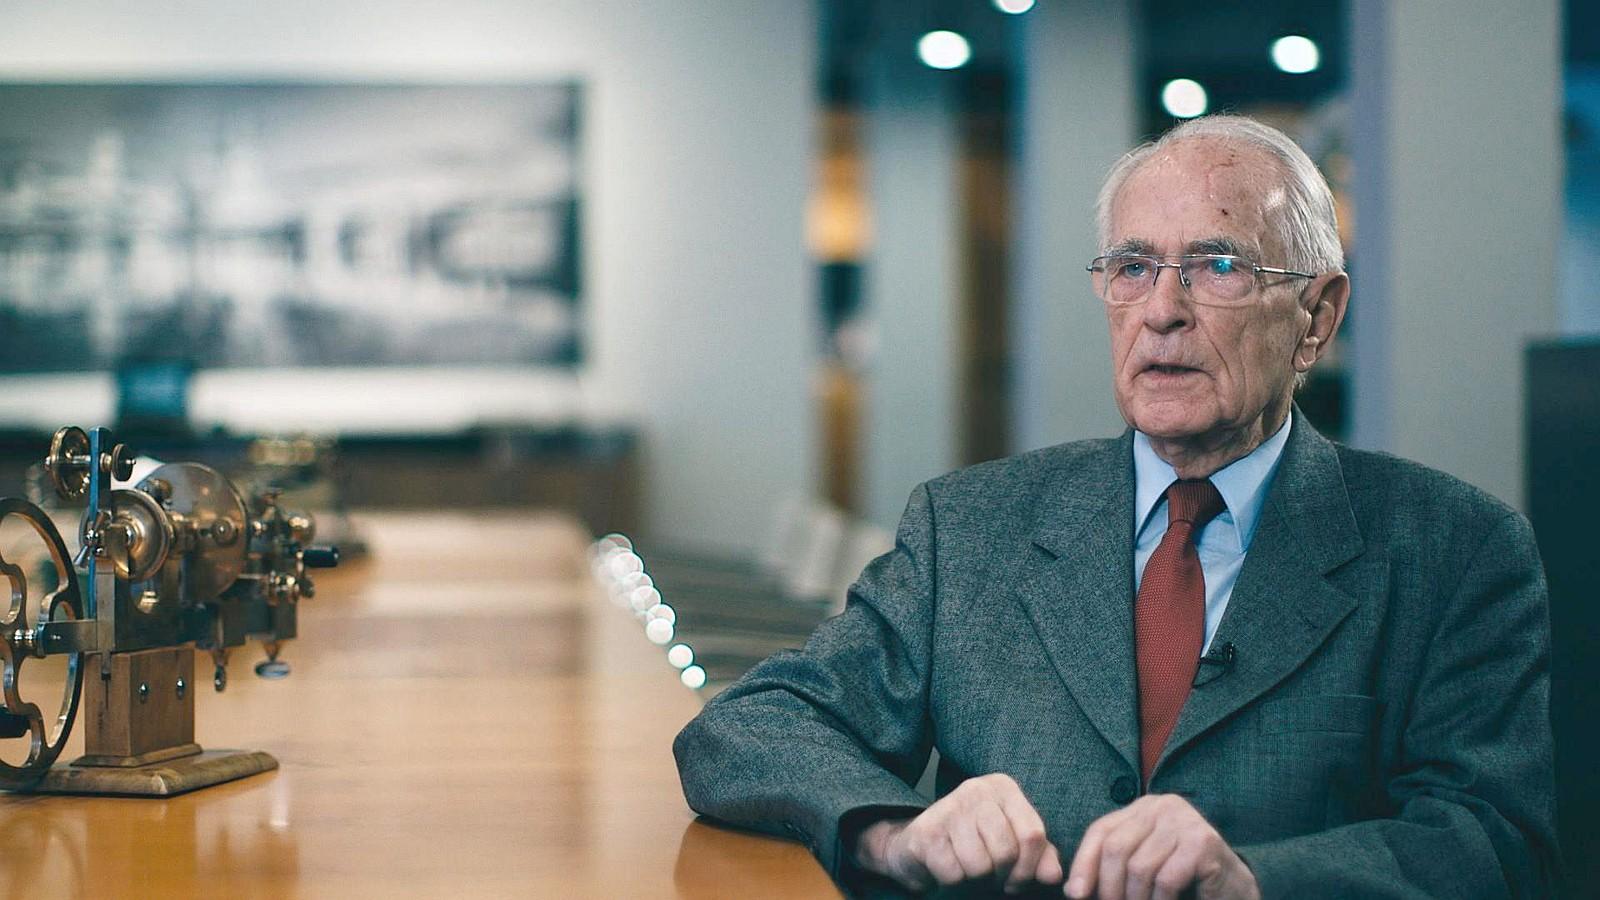 精彩一生、備極哀榮: A. Lange & Söhne榮譽主席Walter Lange先生辭世,享壽92歲